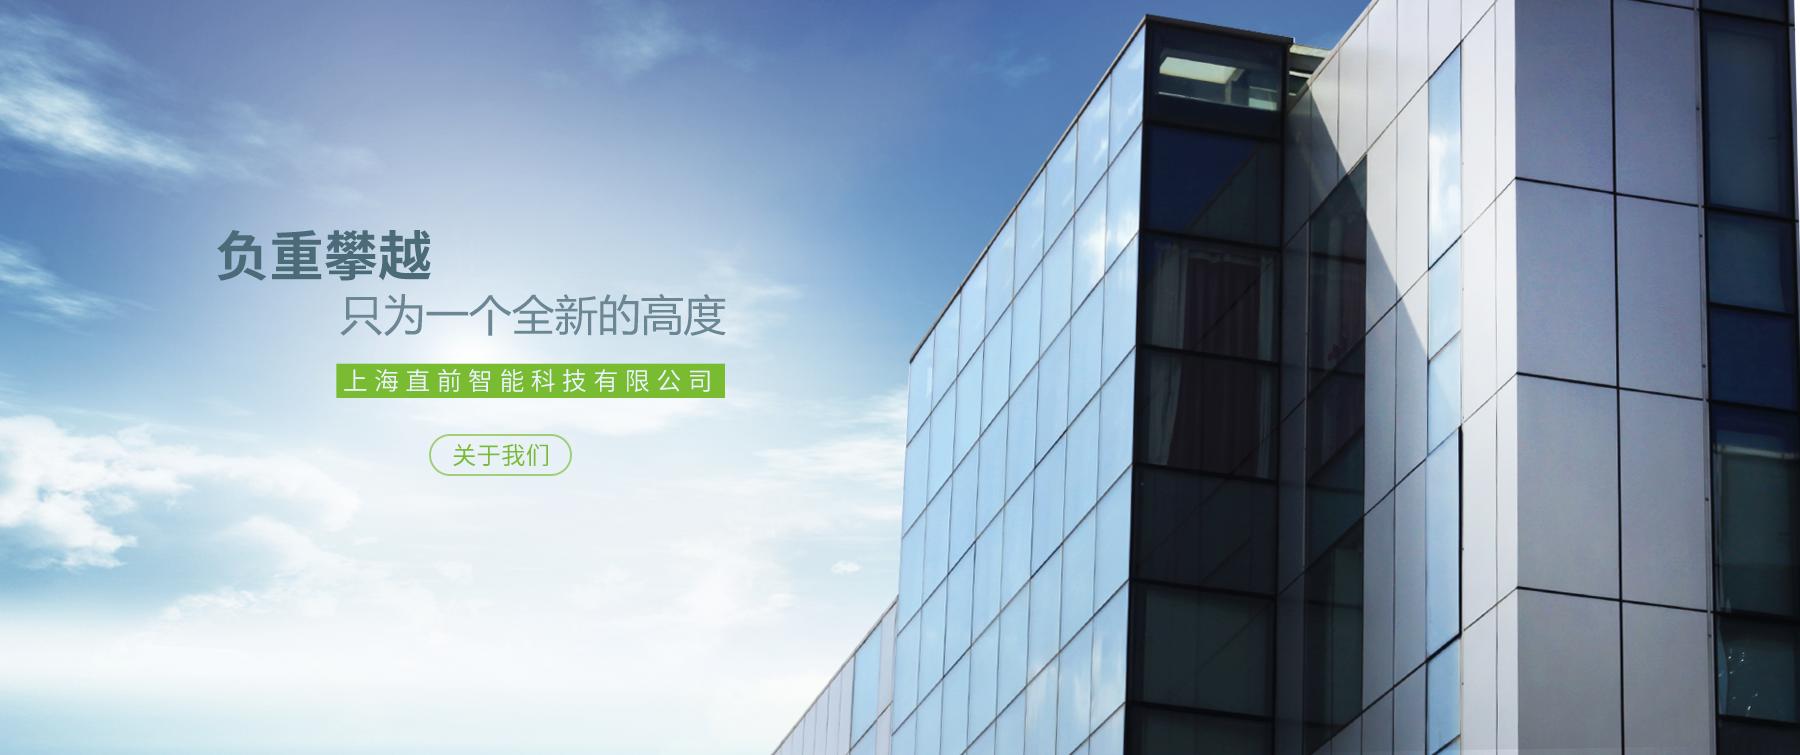 门禁一卡通_上海直前智能科技有限公司